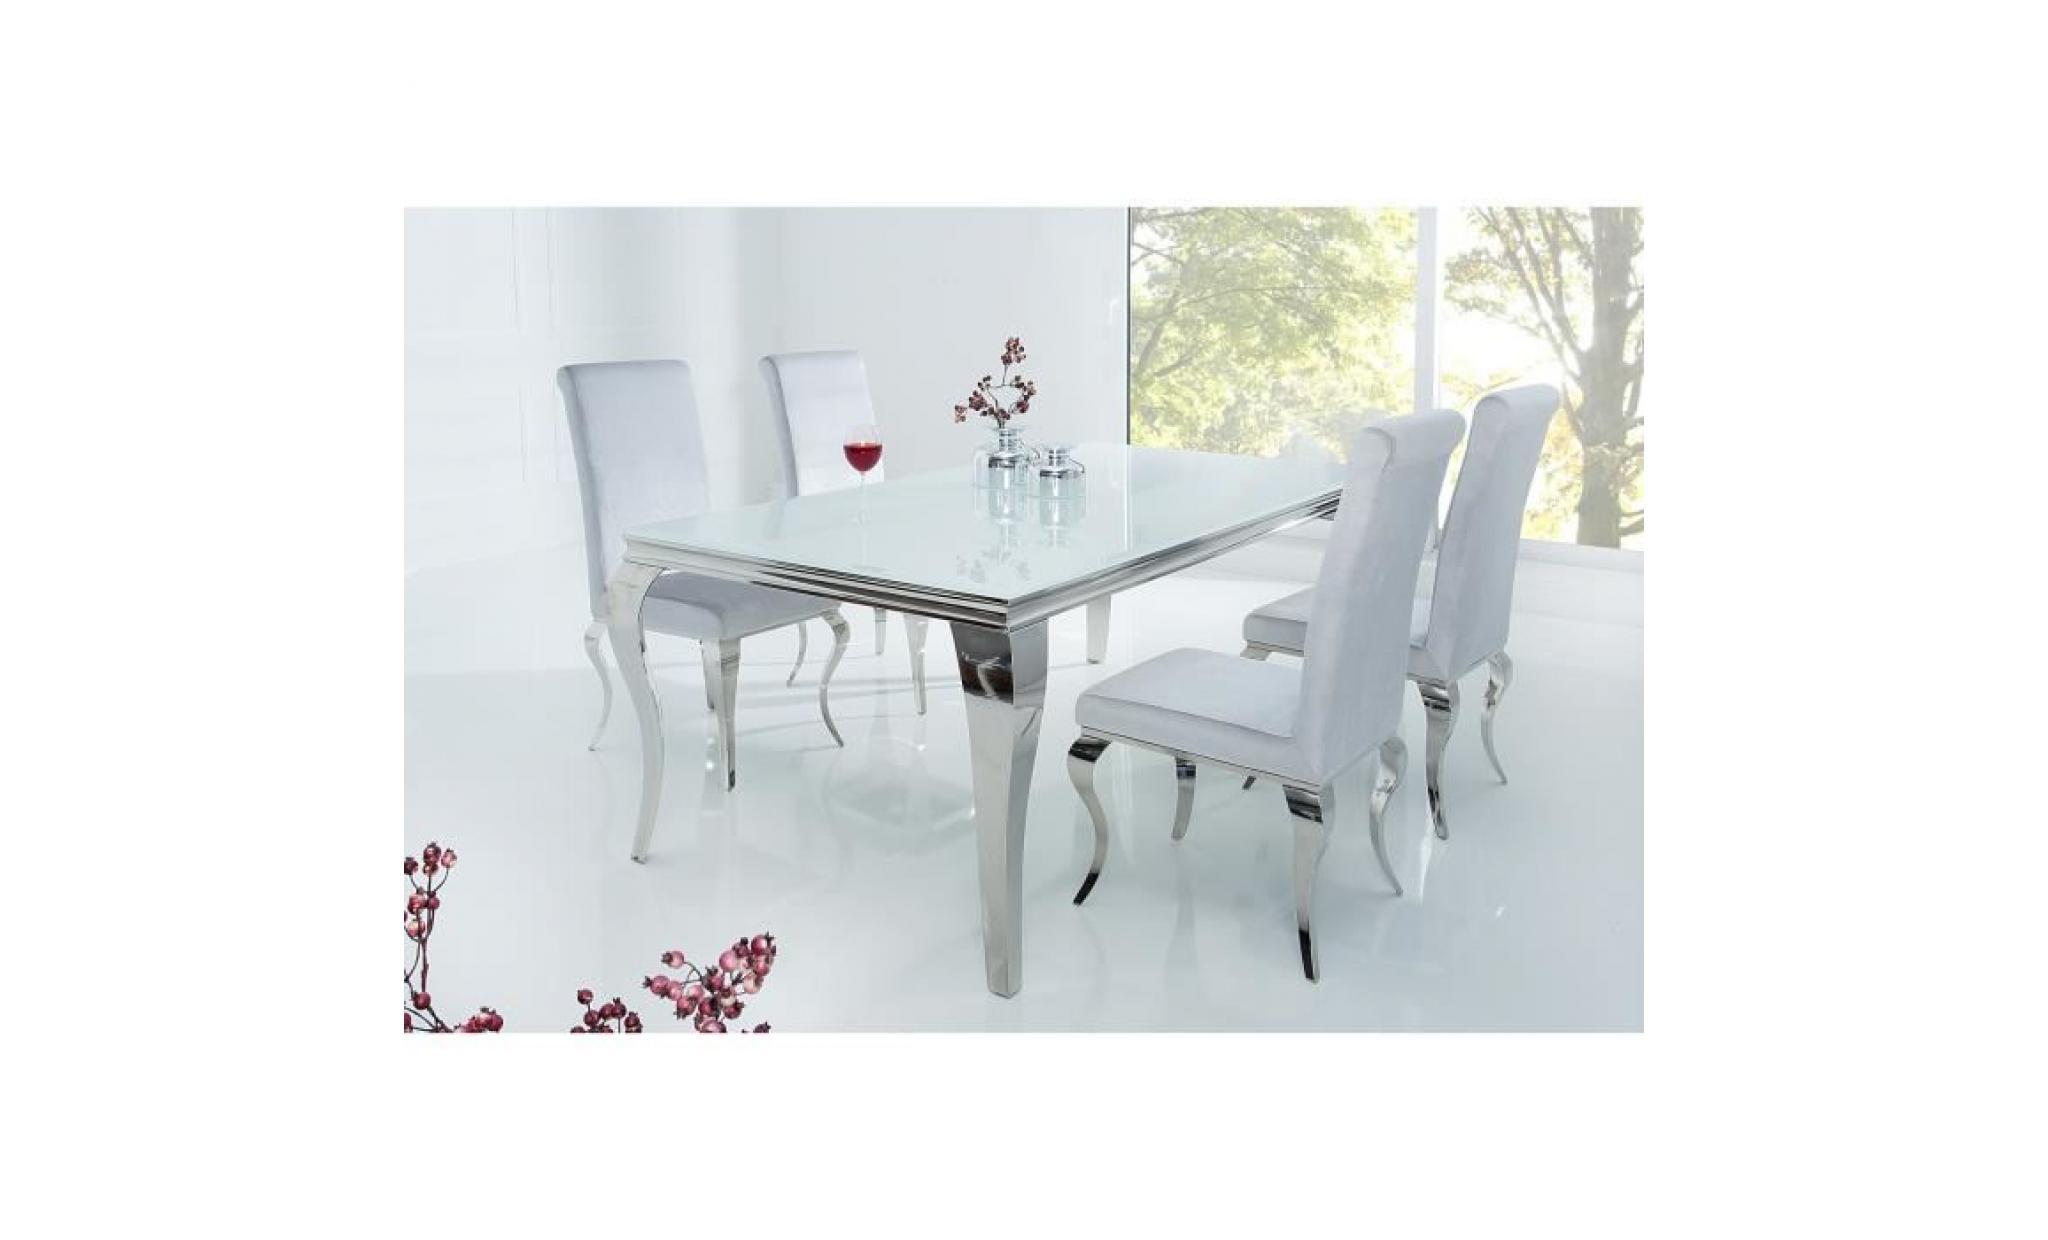 Table De Salle A Manger Design Baroque En Acier Inoxydable Poli Et Verre Trempe Securit Noir 12mm L 180 X P 90 X H 75 Cm Achat Vente Table Salle A Manger